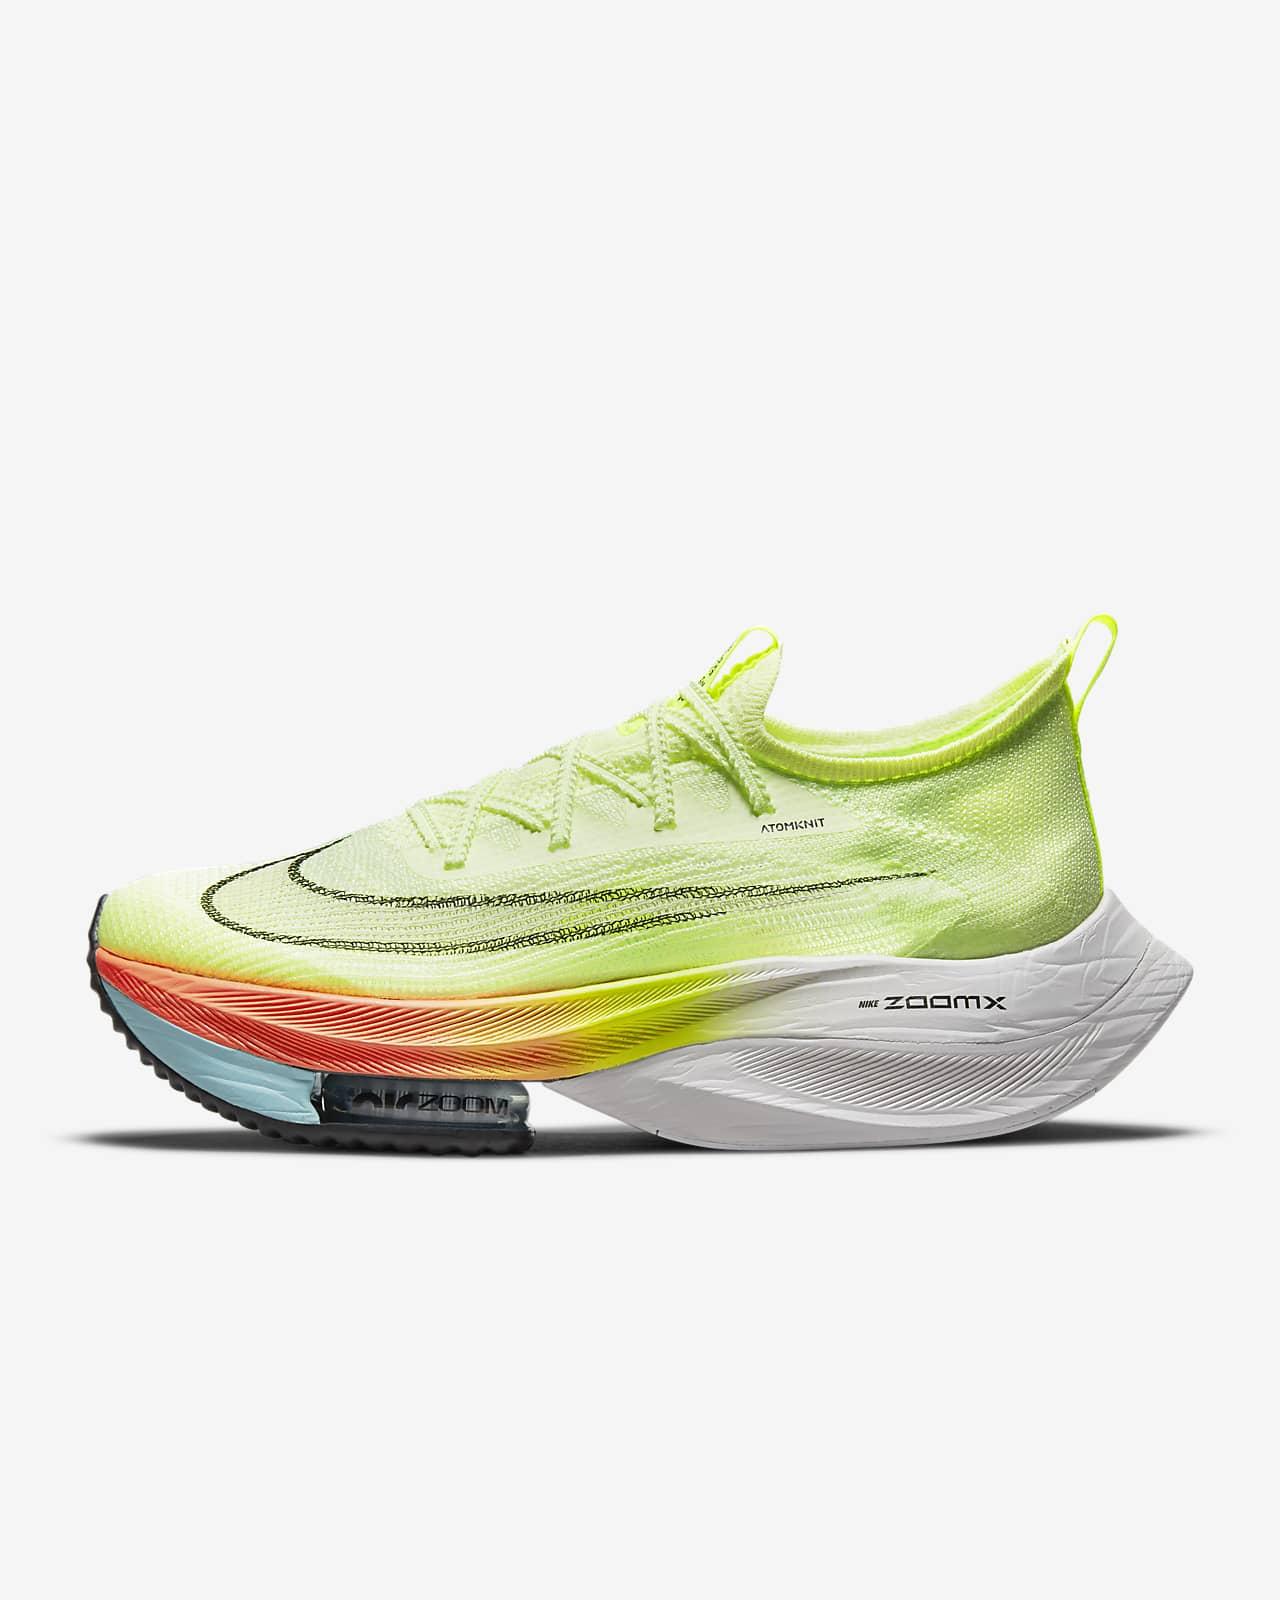 Tävlingssko Nike Air Zoom Alphafly NEXT% för män